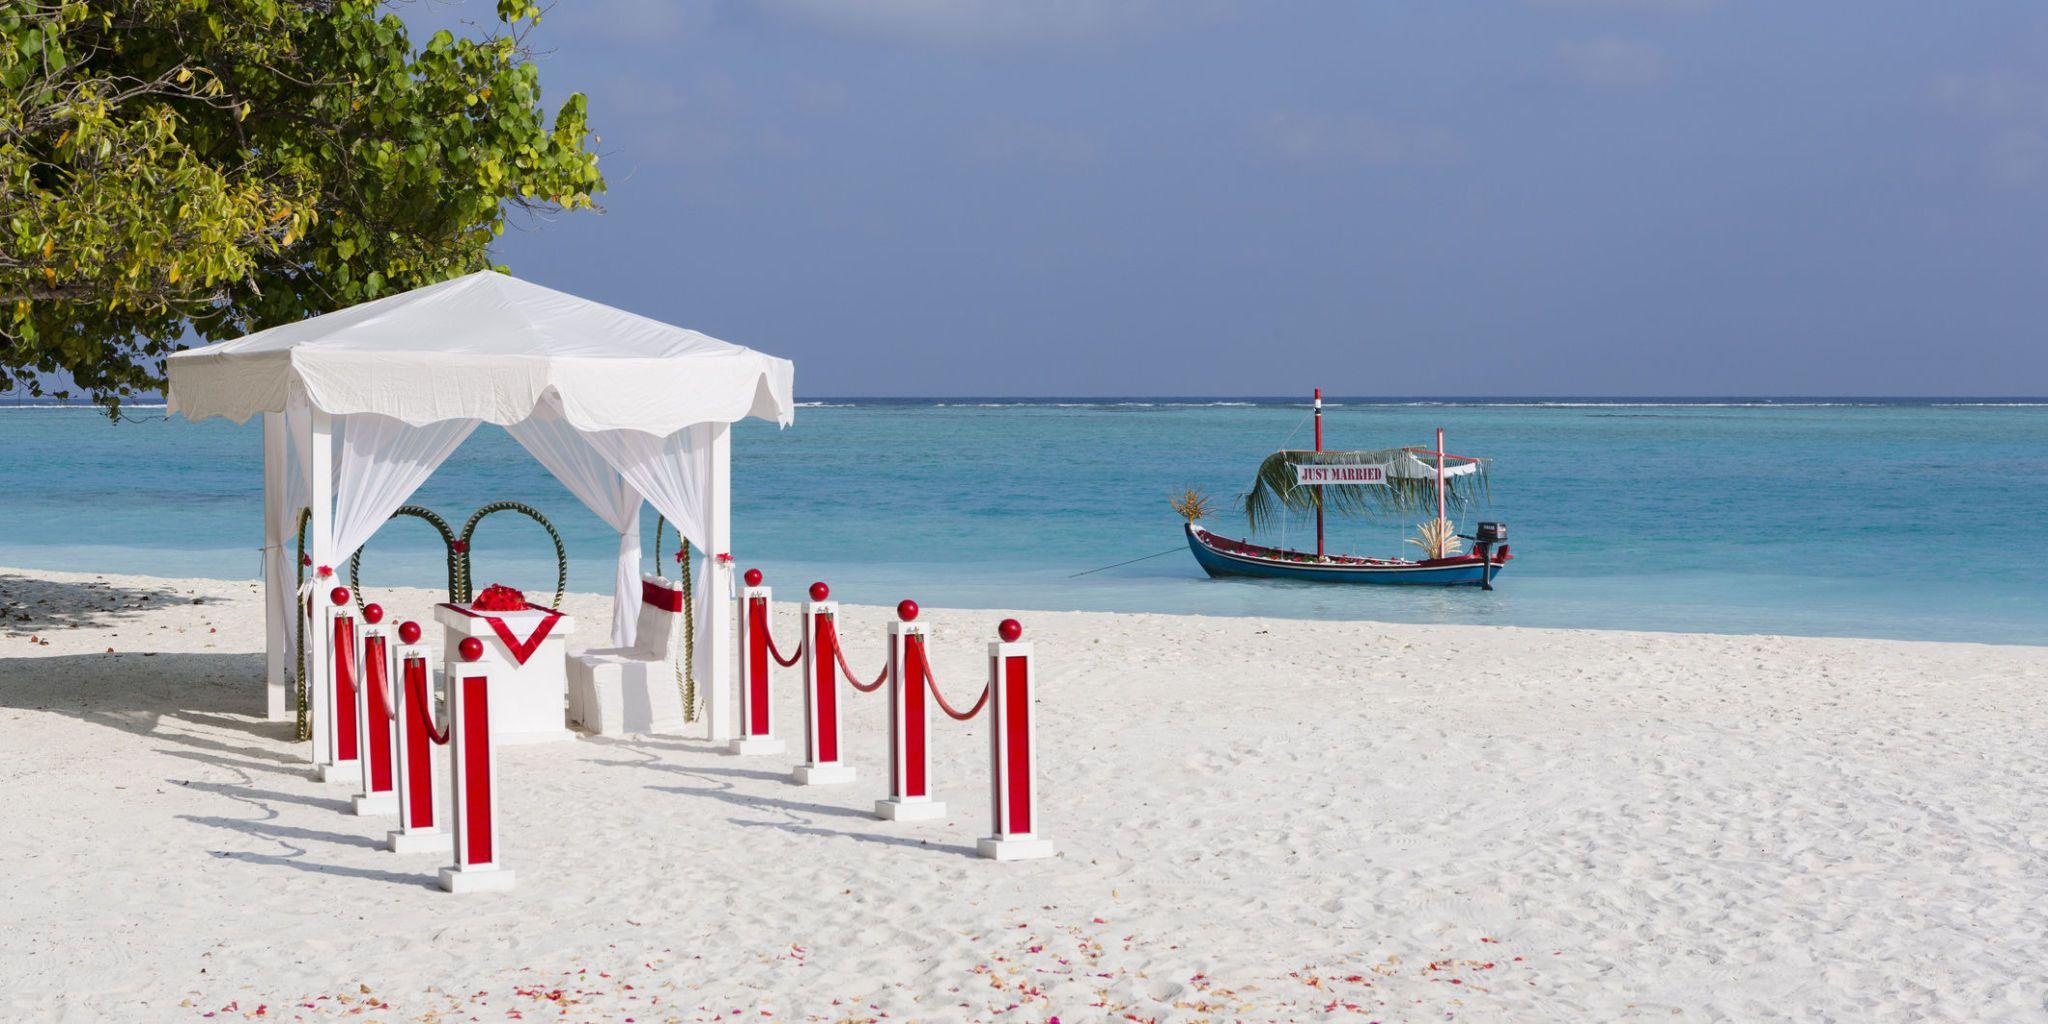 In Per Matrimonio Organizzare Spiaggia10 Favoloso Evento Un Idee NPy80Onvmw